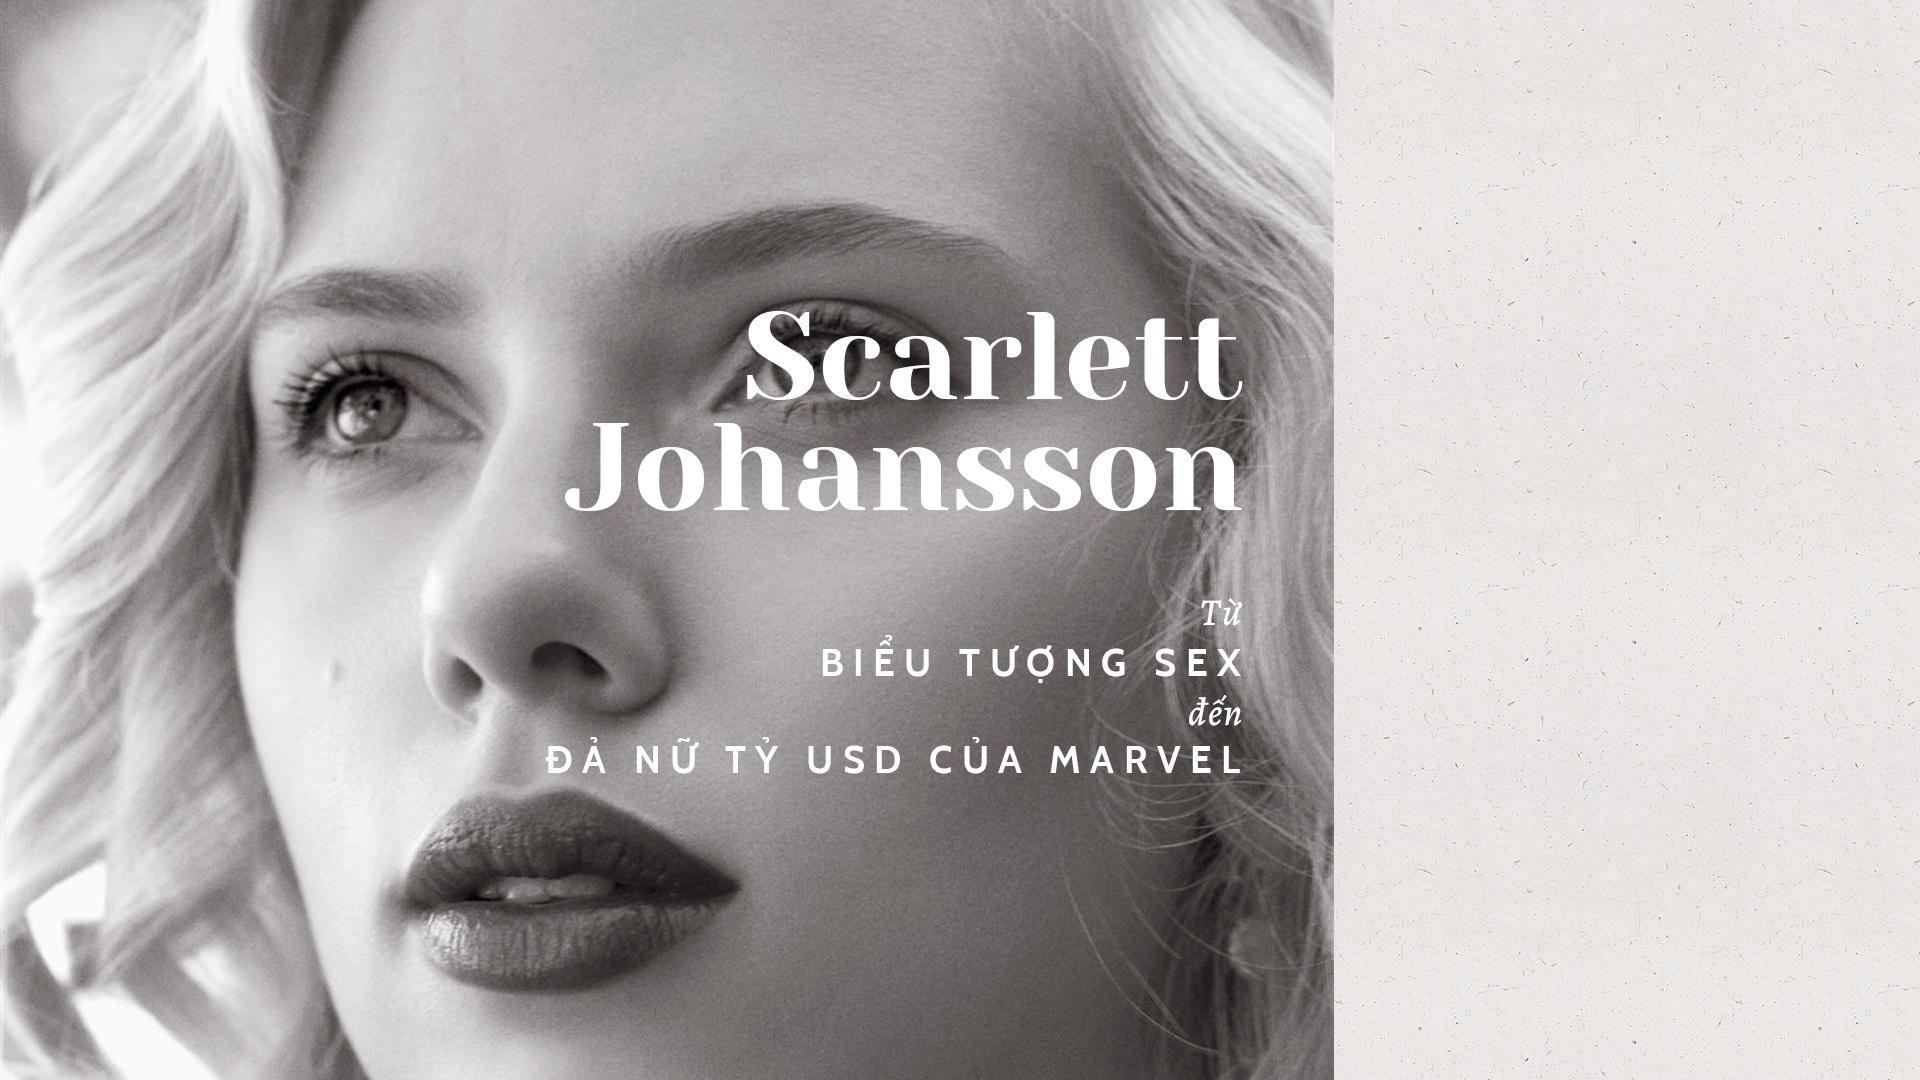 Scarlett Johansson anh 2